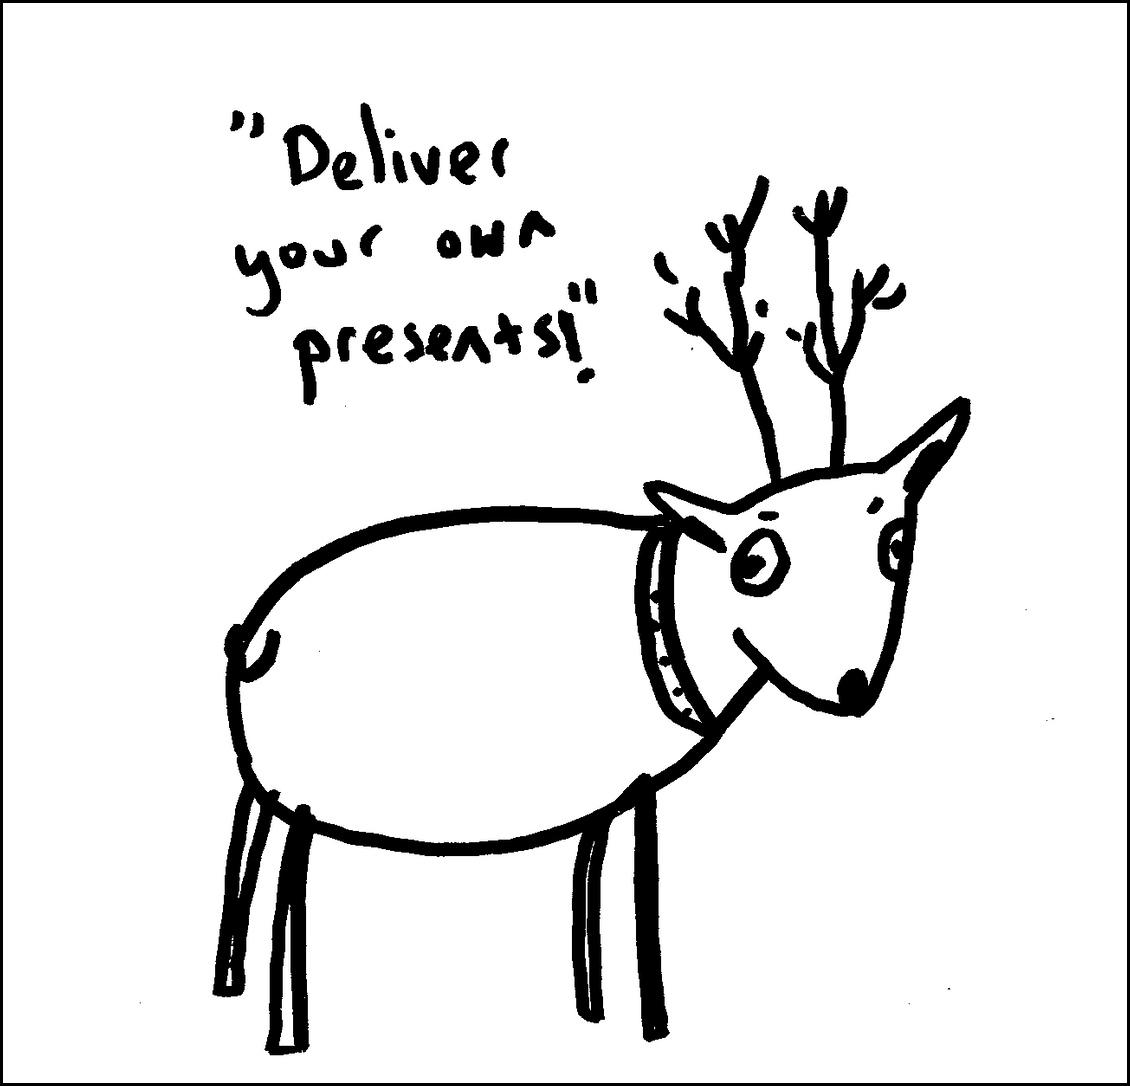 Tarjetas de navidad: Imagenes de navidad para pintar